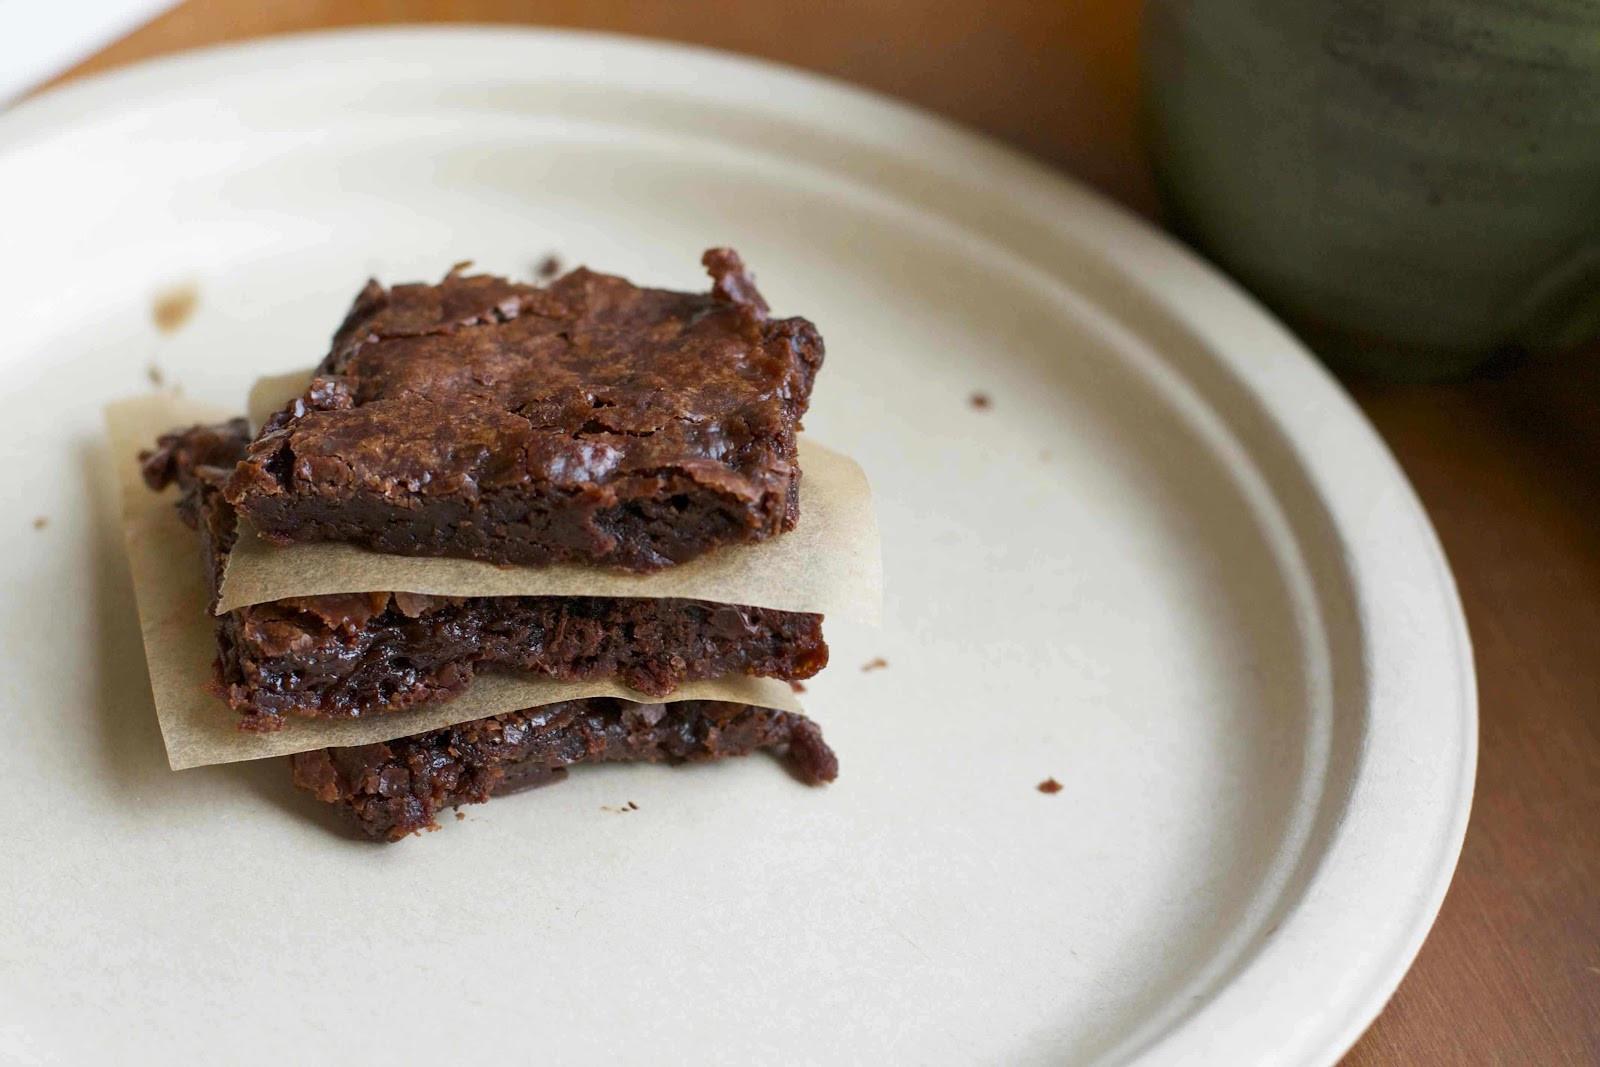 Vegan Fudge Brownies  That s So Vegan The Best Vegan Fudge Brownies